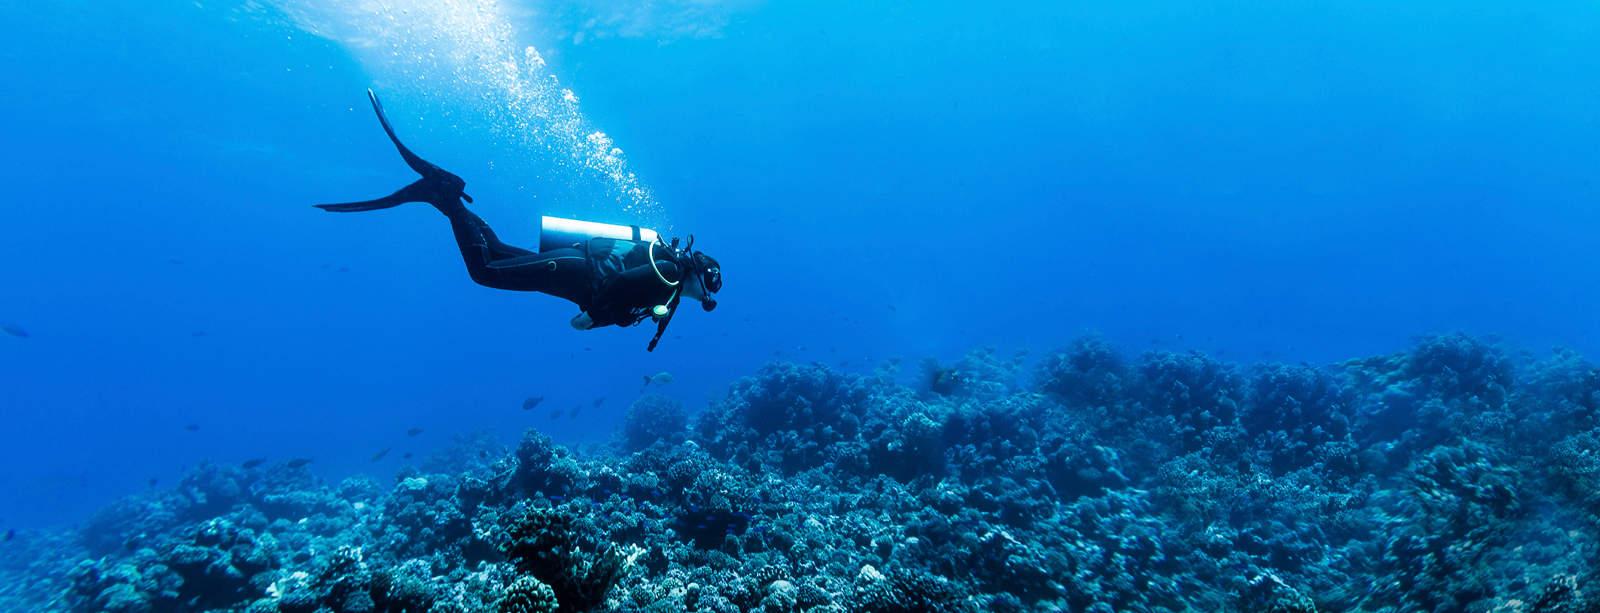 Diver-v1